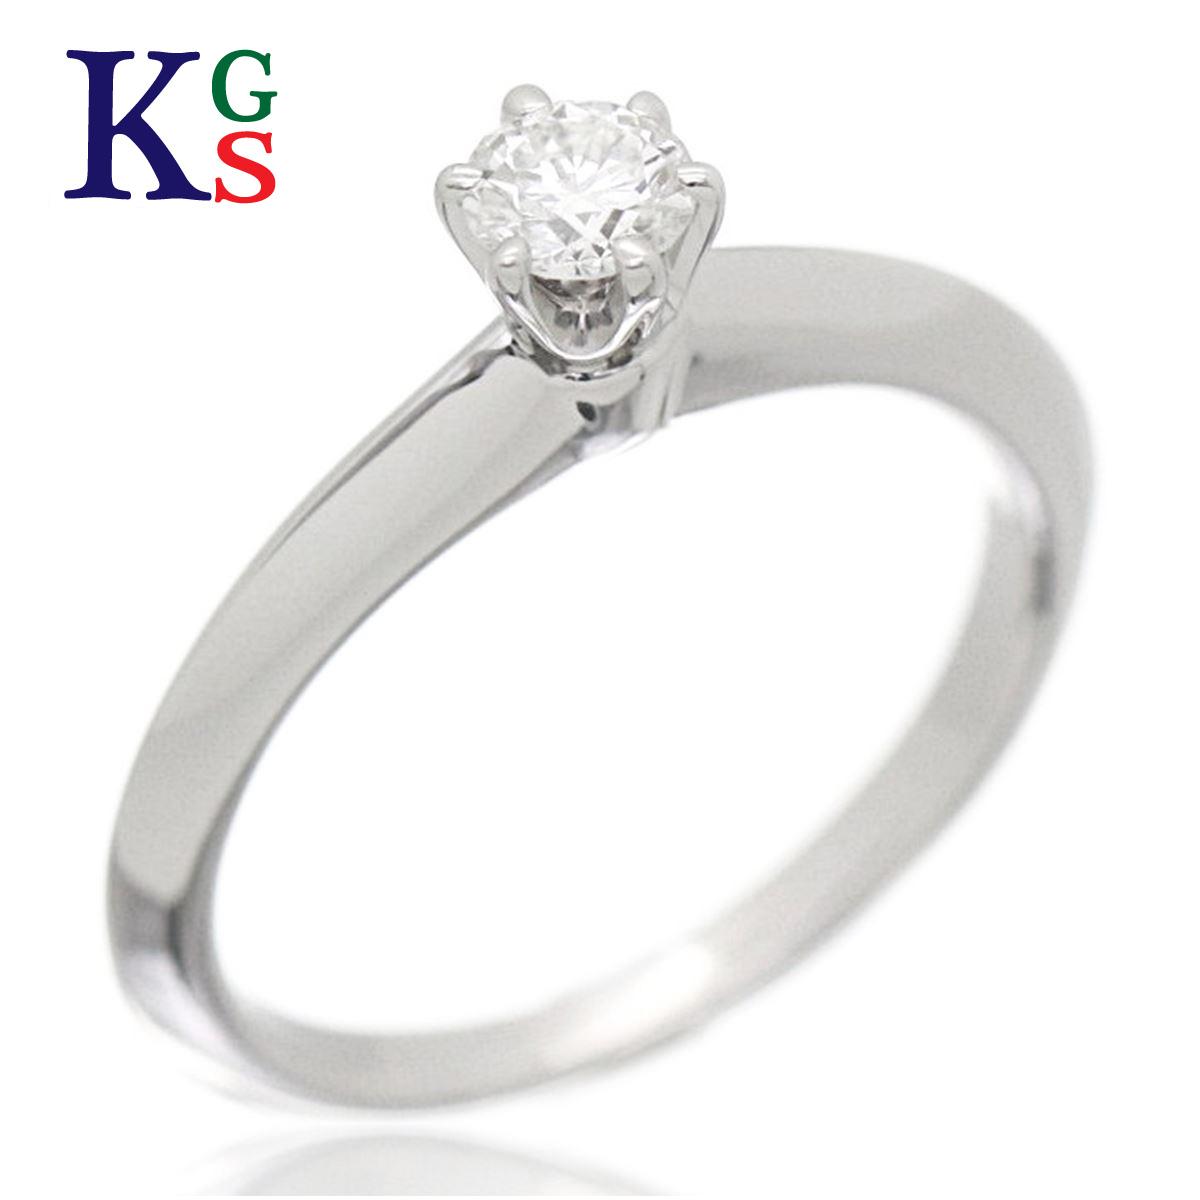 【ギフト品質】【名入れ】【3号-18号】【0.18ct】ティファニー/Tiffany&Co エンゲージリング/婚約指輪 ソリティアリング 1Pダイヤ / レディース ジュエリー 指輪 / プラチナ Pt950 / 立爪タイプ